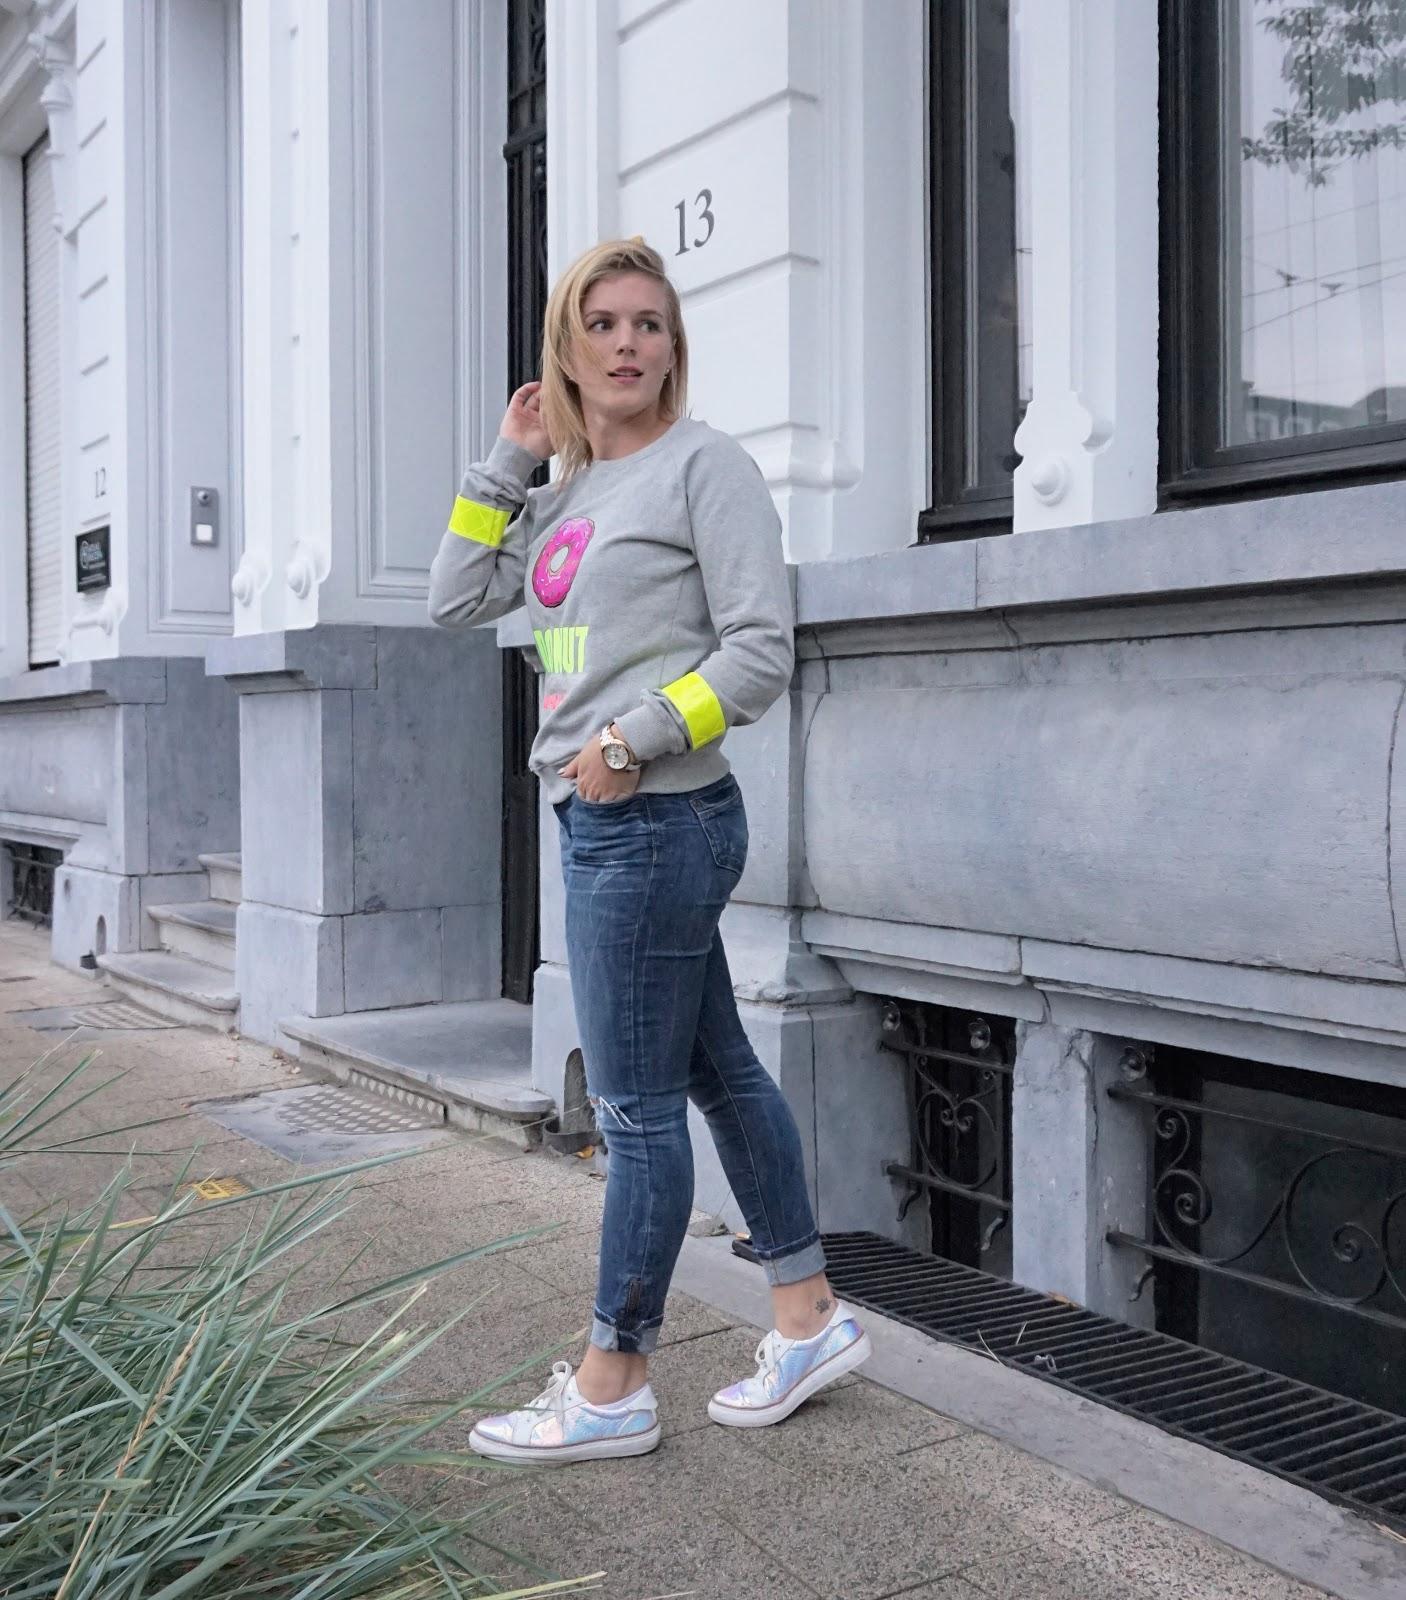 DSC08790 | Eline Van Dingenen